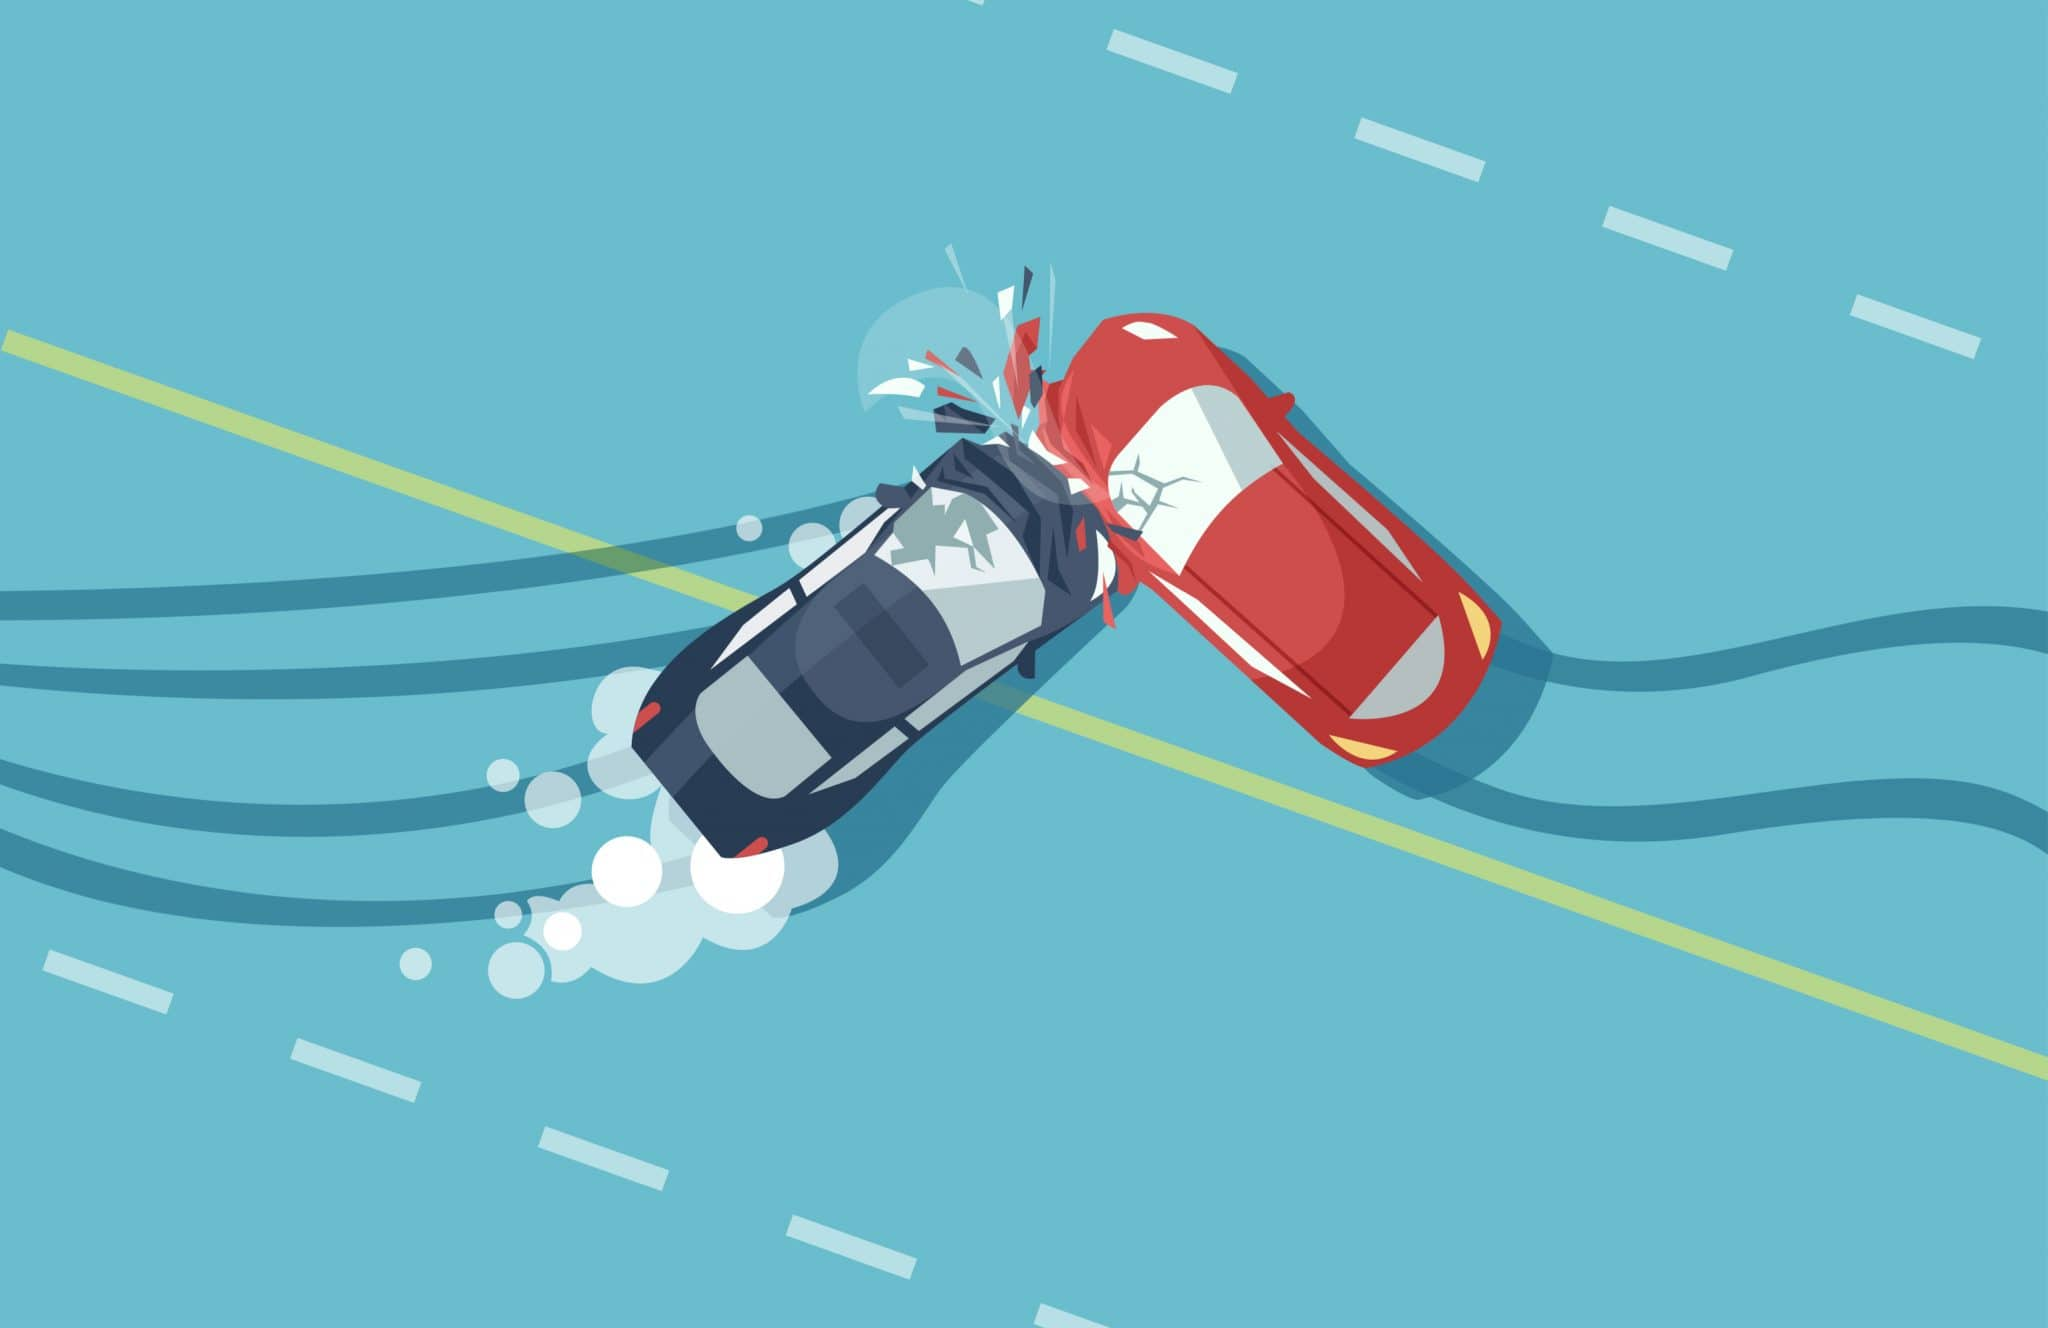 Verkehrsunfall zwischen Linksabbieger mit einem verbotswidrig überholenden Kraftfahrzeug